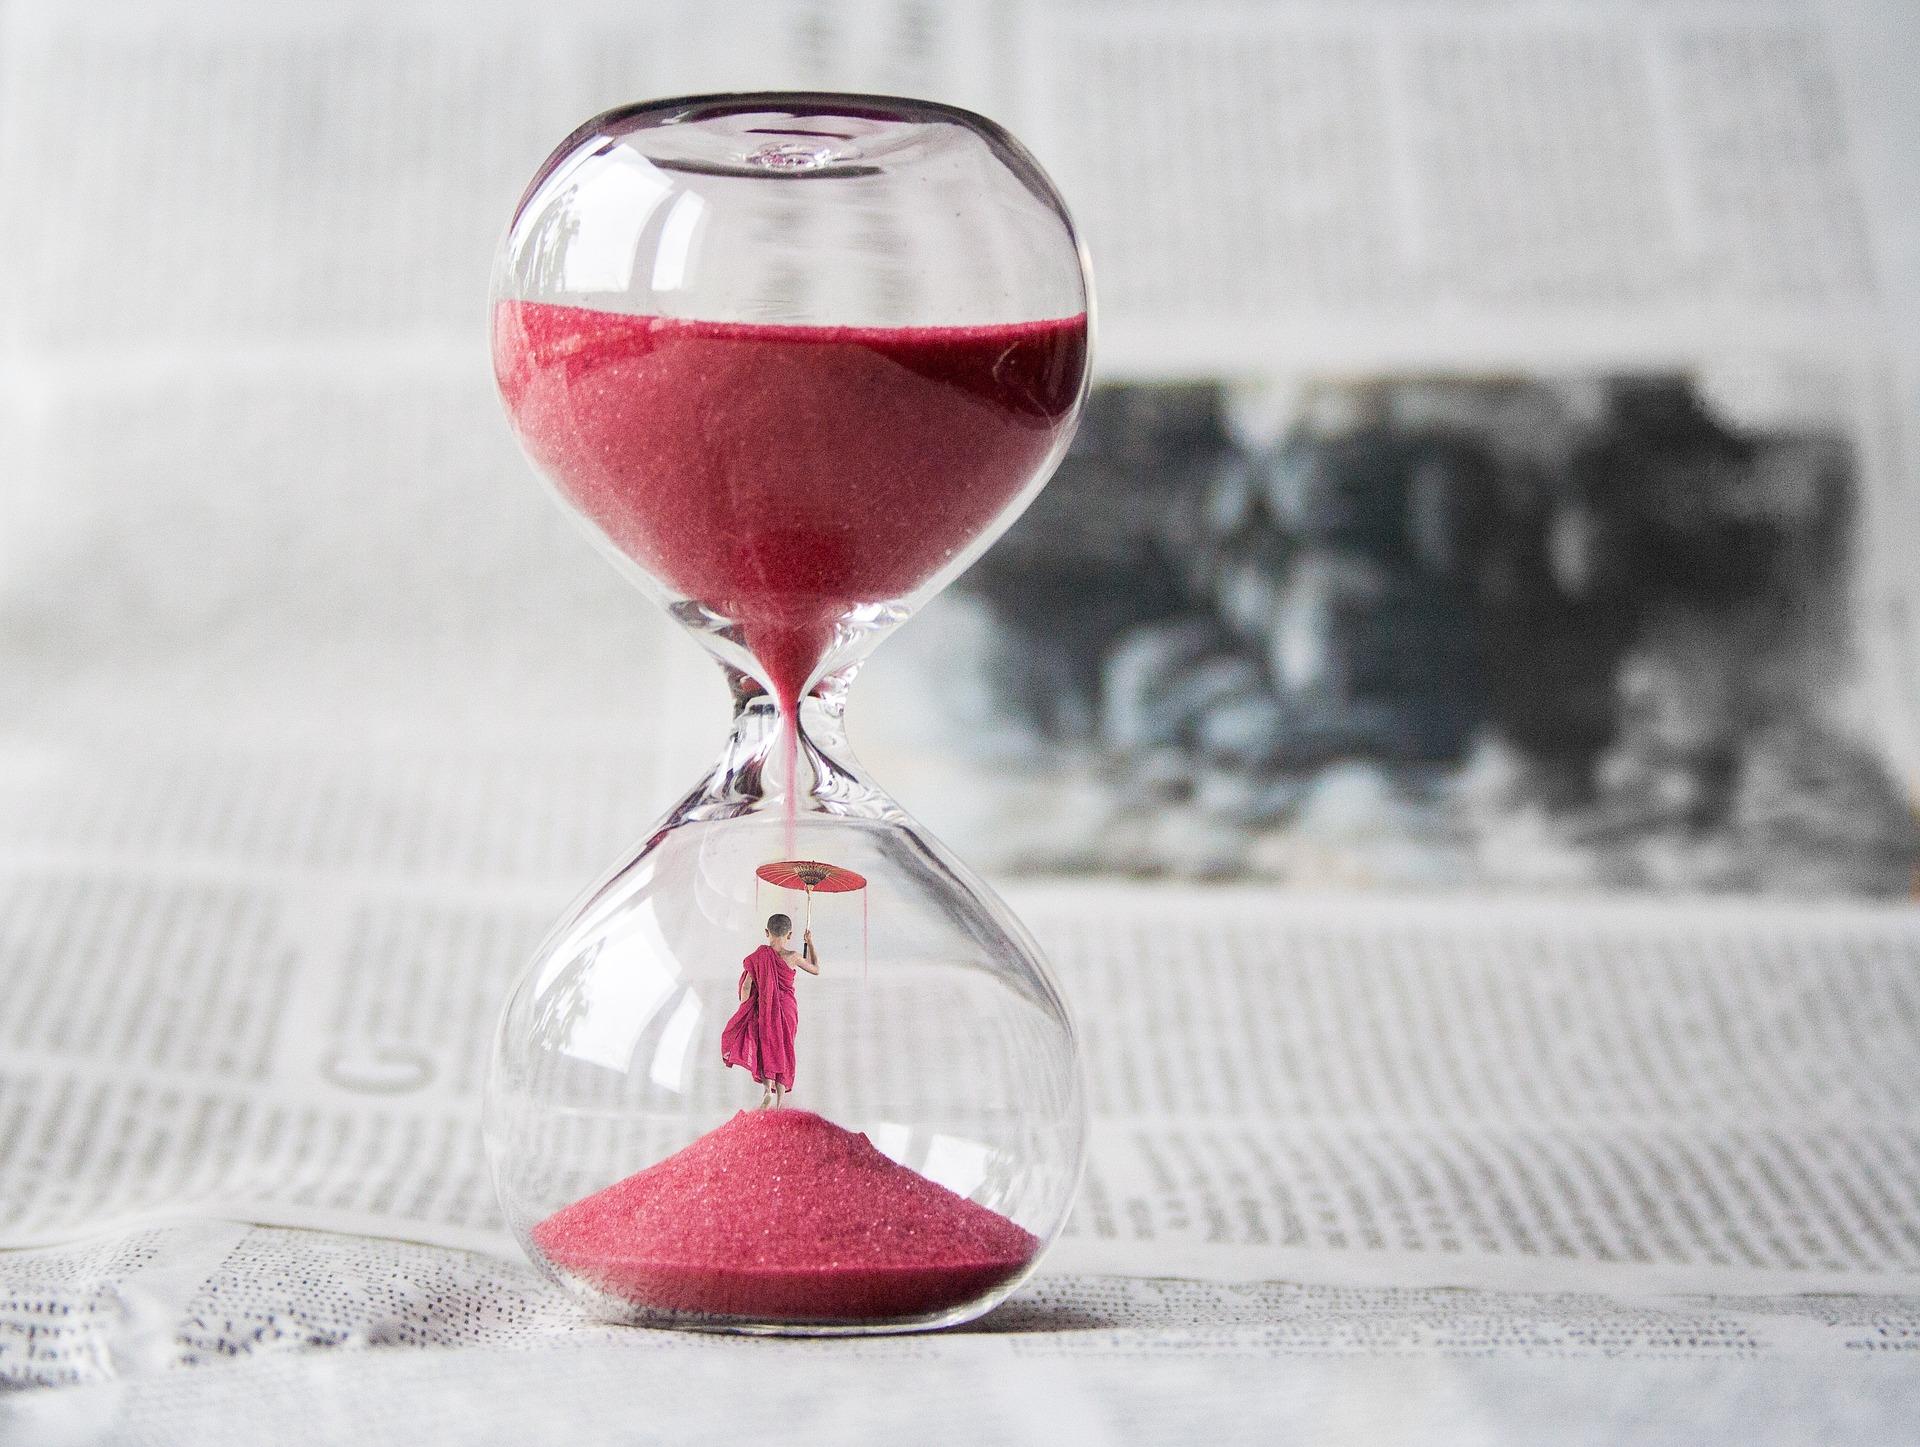 die Einstellung der Zeit: Sanduhr